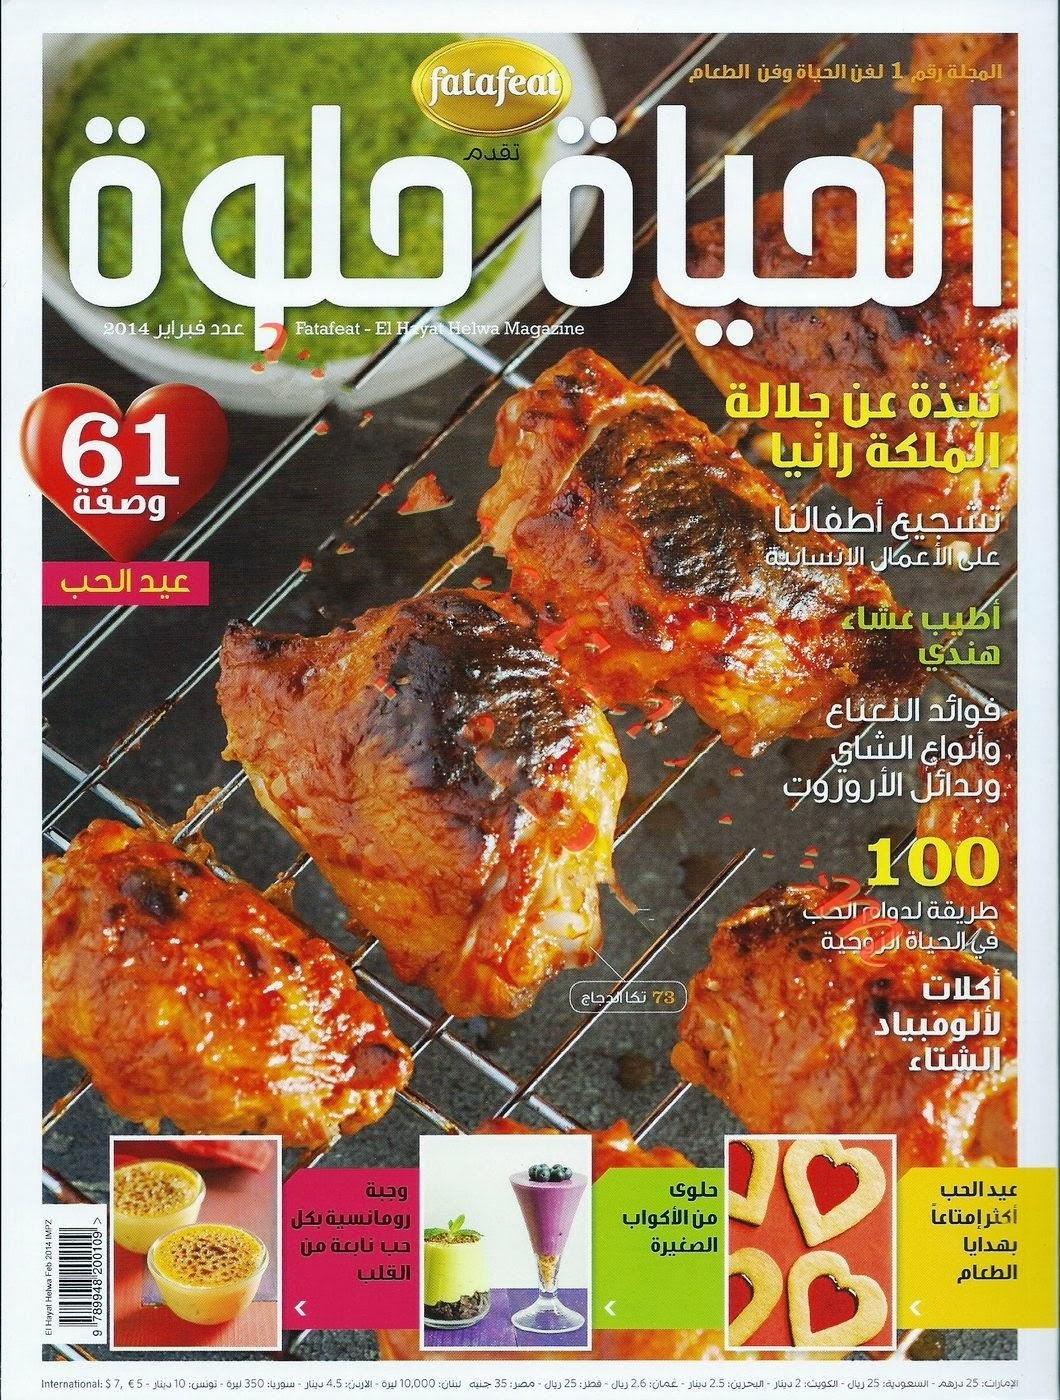 مجلة فتافيت فبراير(( فيفري)) 2014 fh55.jpg